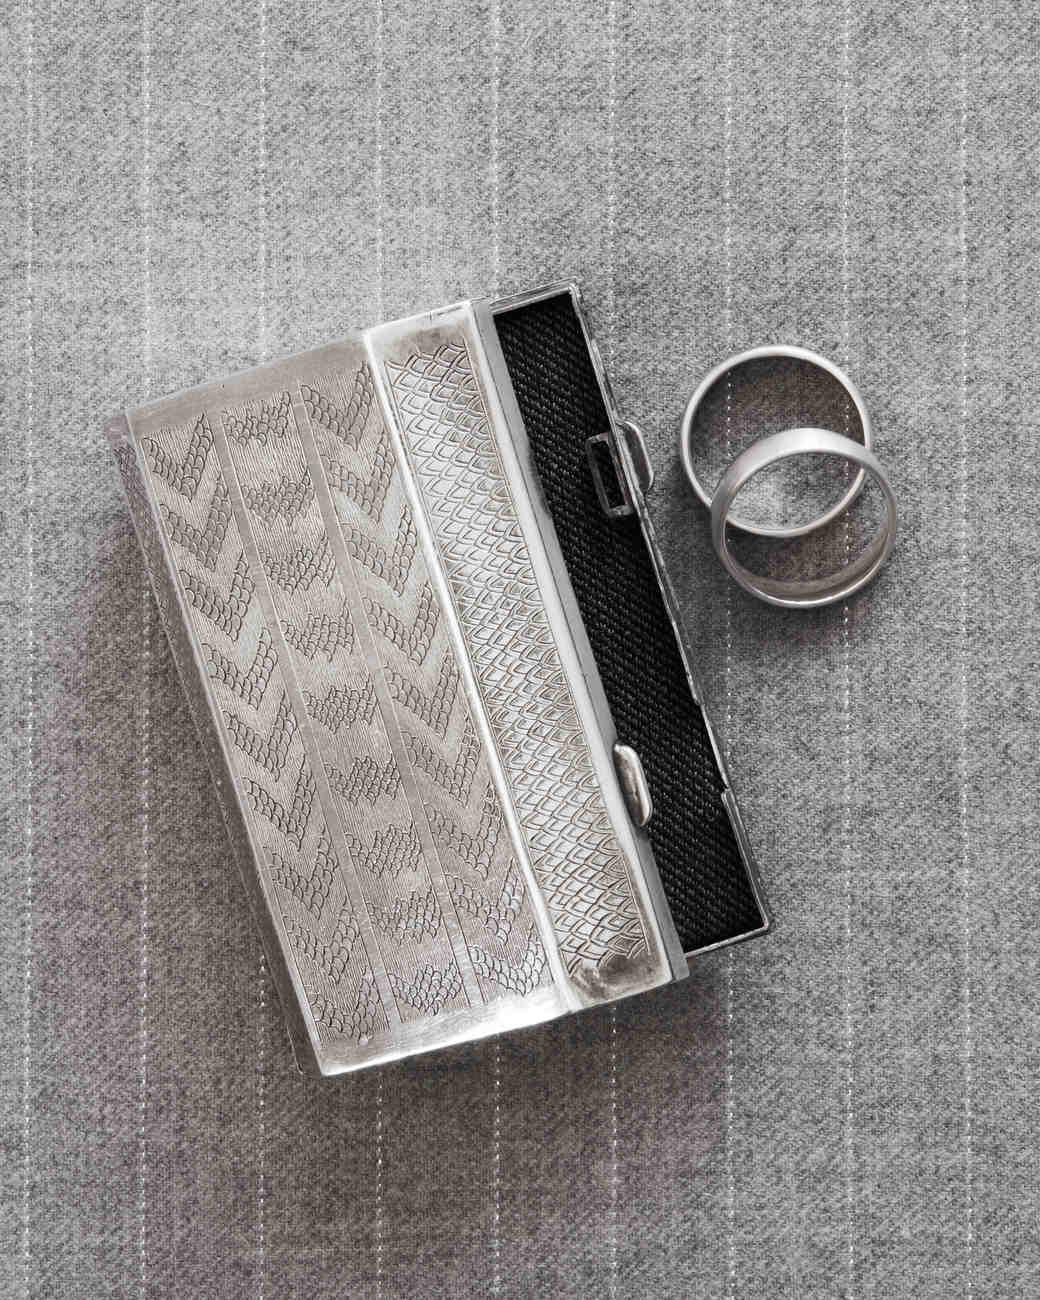 rw-anthony-rusty-wedding-ring-silver-case-13-354-00332-wd110176.jpg